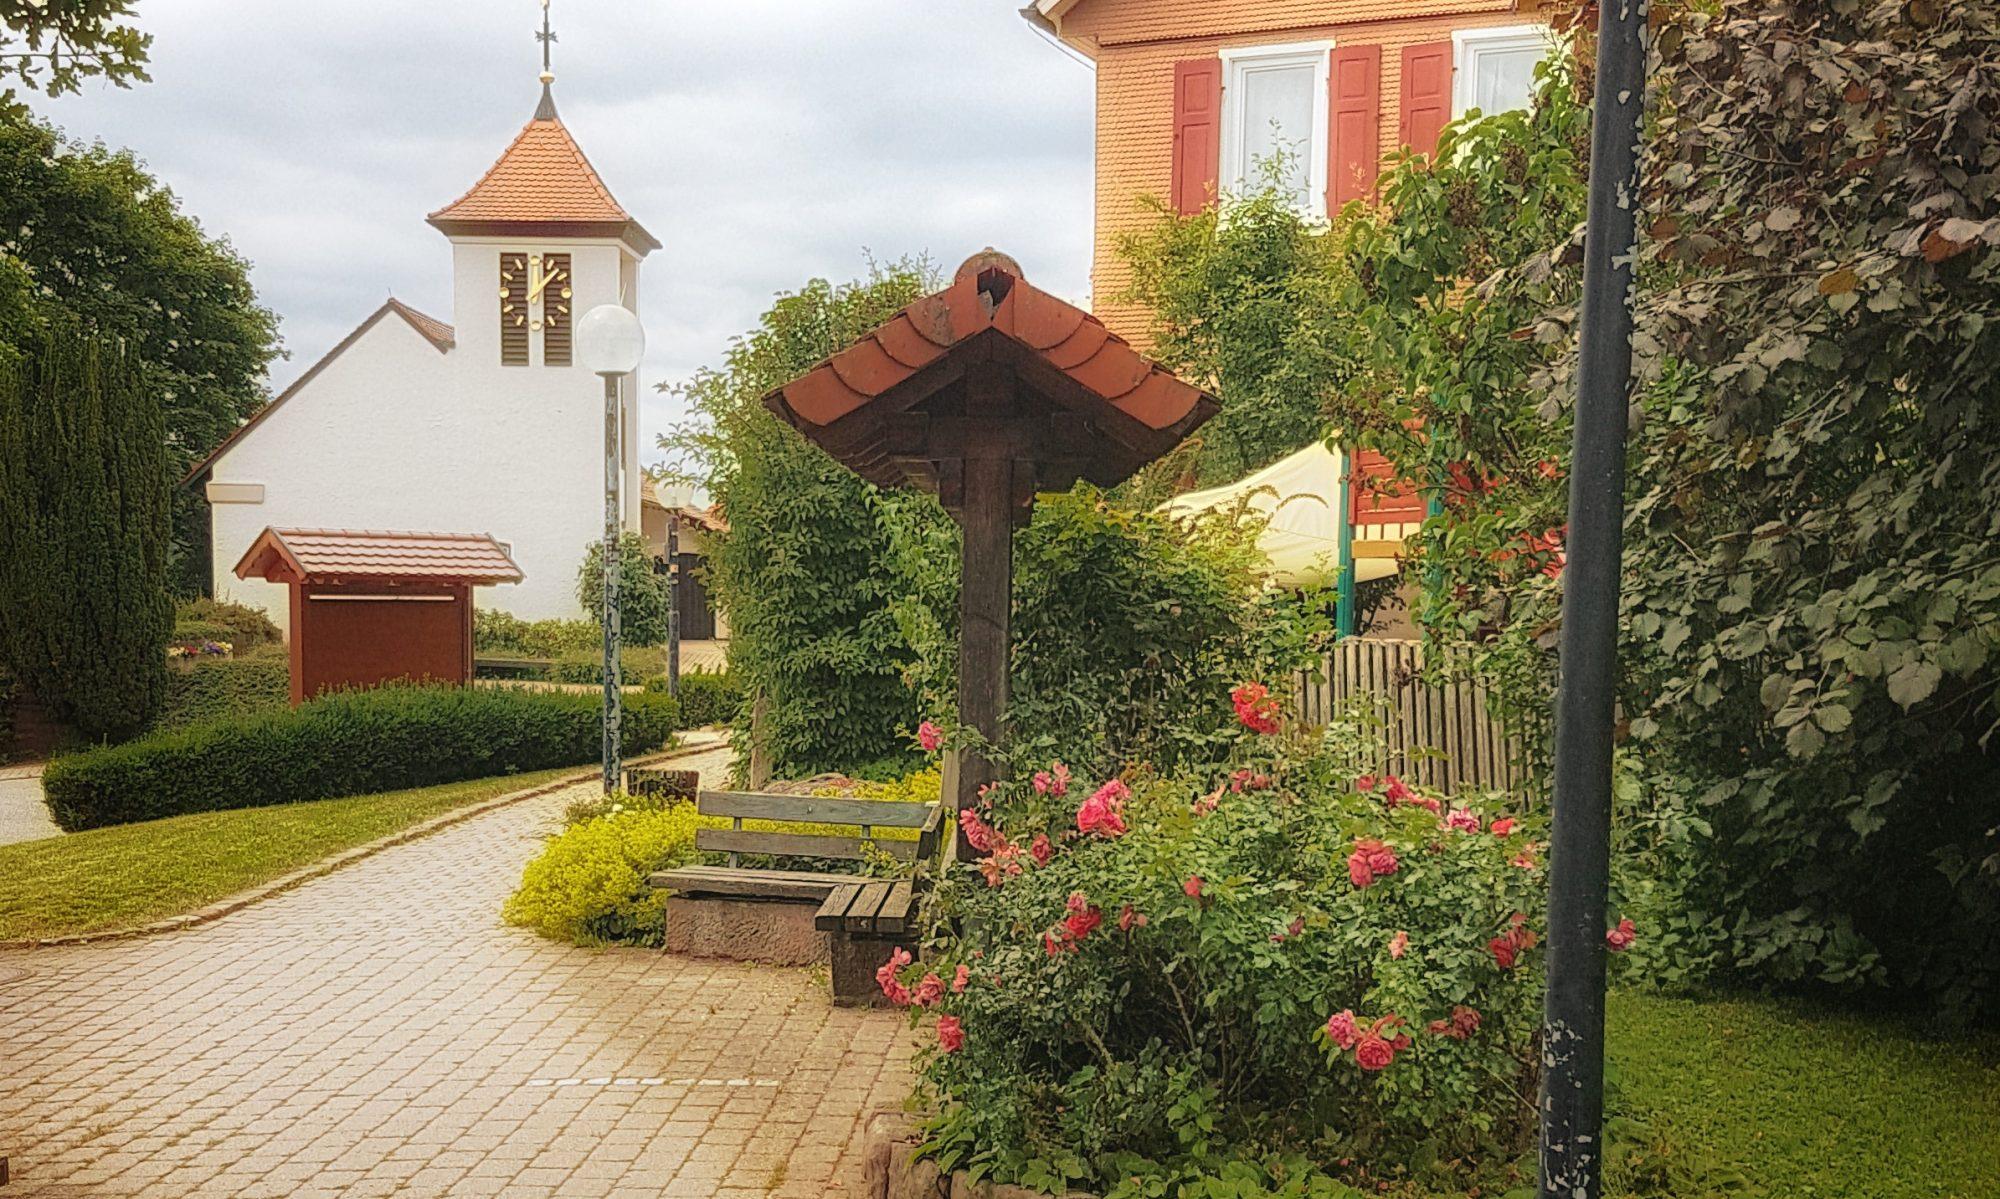 Förderverein für das Dorfzentrum Bad Liebenzell-Beinberg e.V.